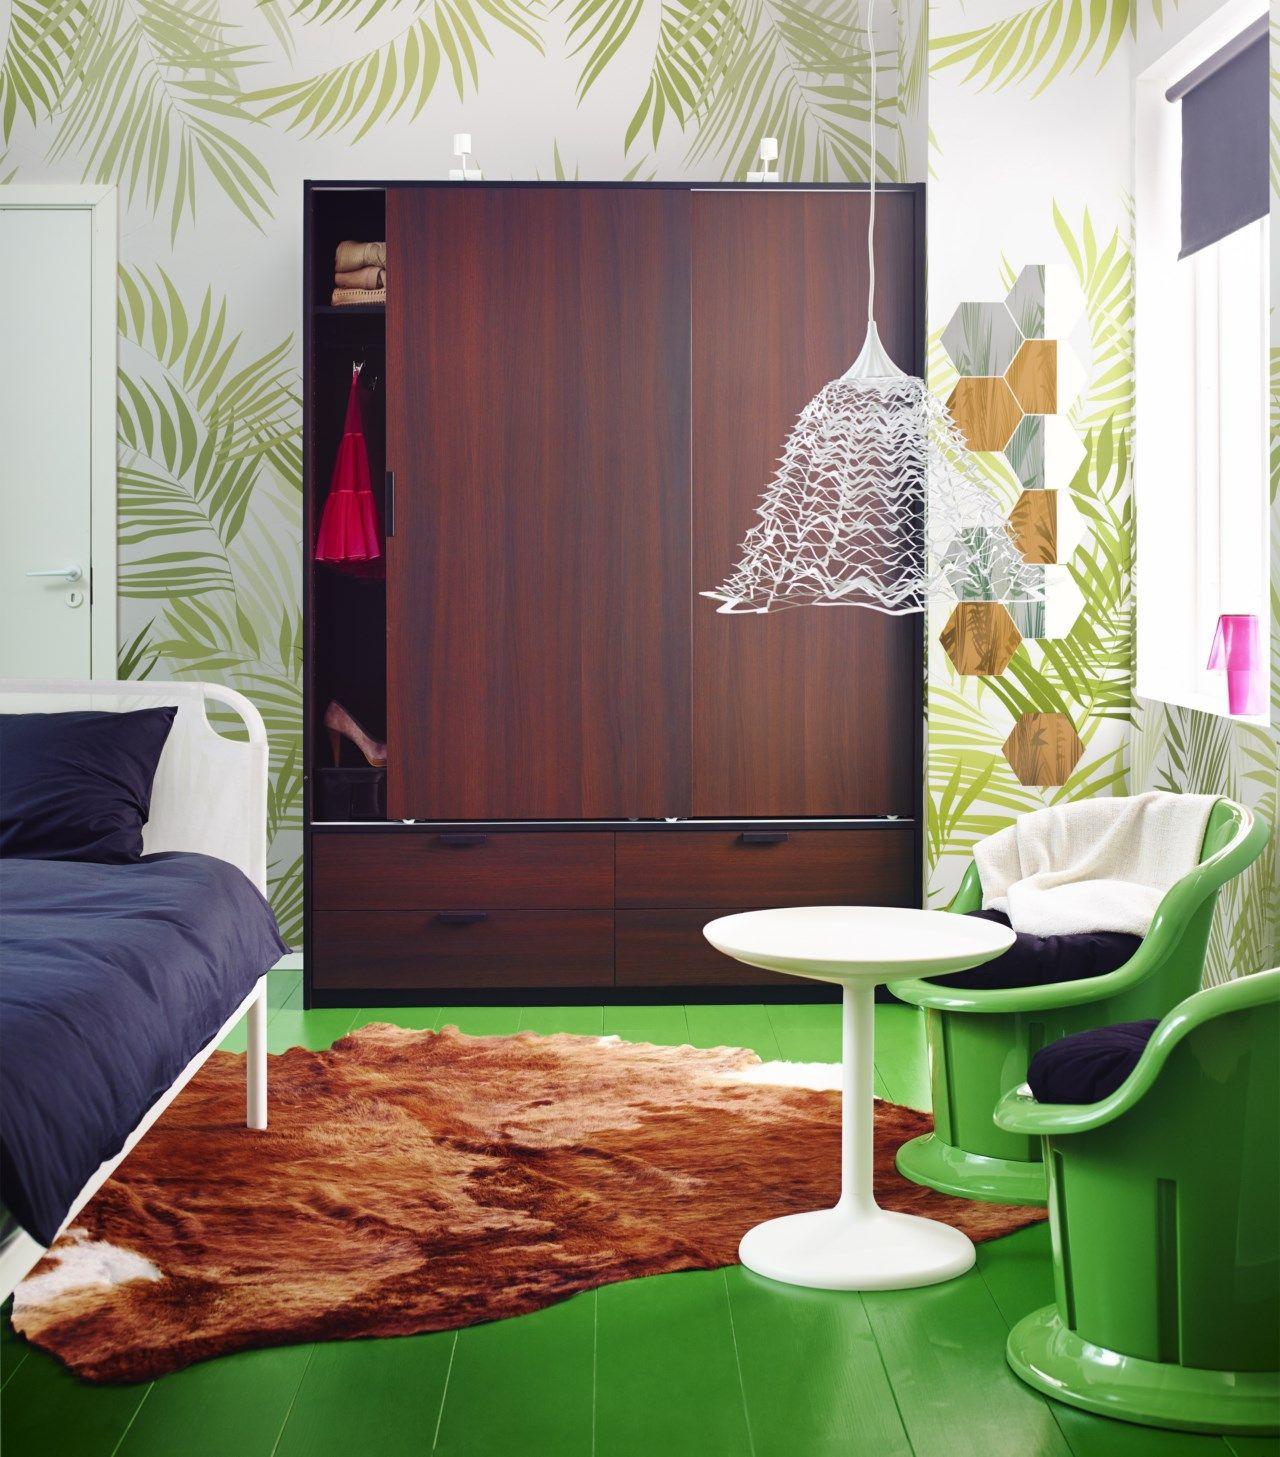 Wickelkommode Ikea Hemnes Preis ~ Pin by Lyn Claypool on HAUS  Ikea  Pinterest